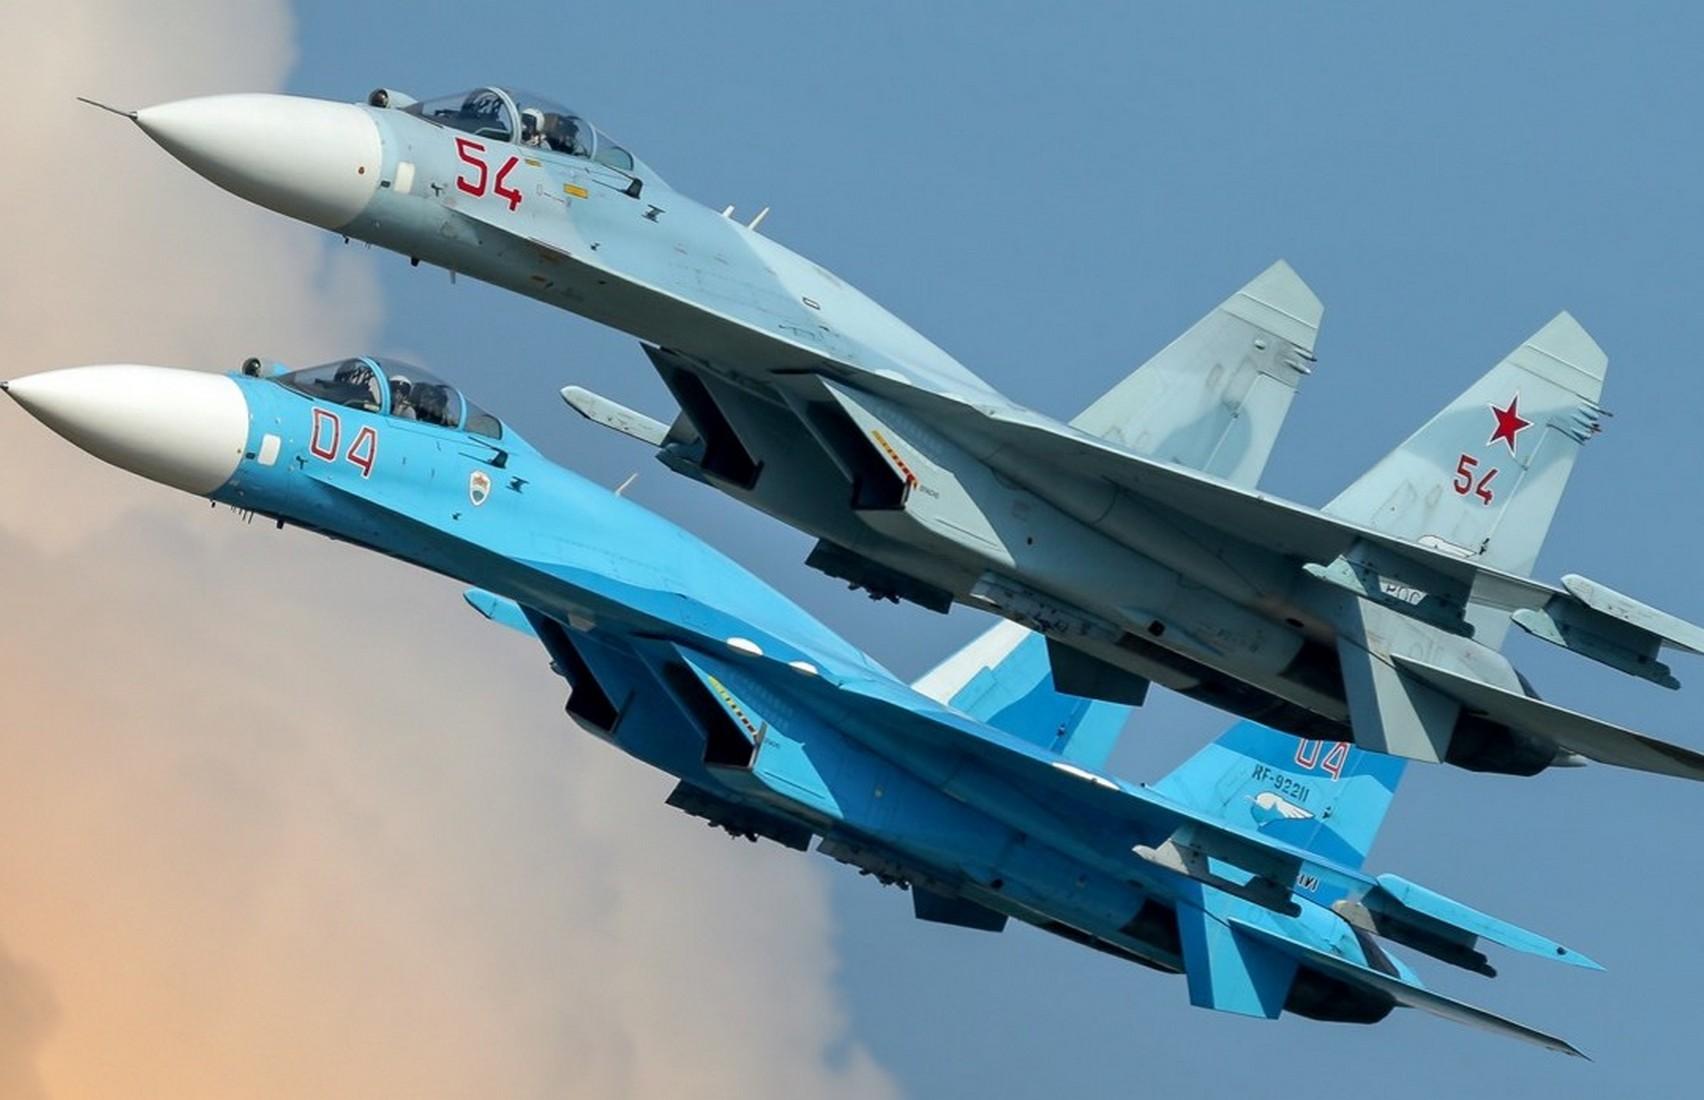 Американское издание назвало Су-27 одним из лучших истребителей в мире